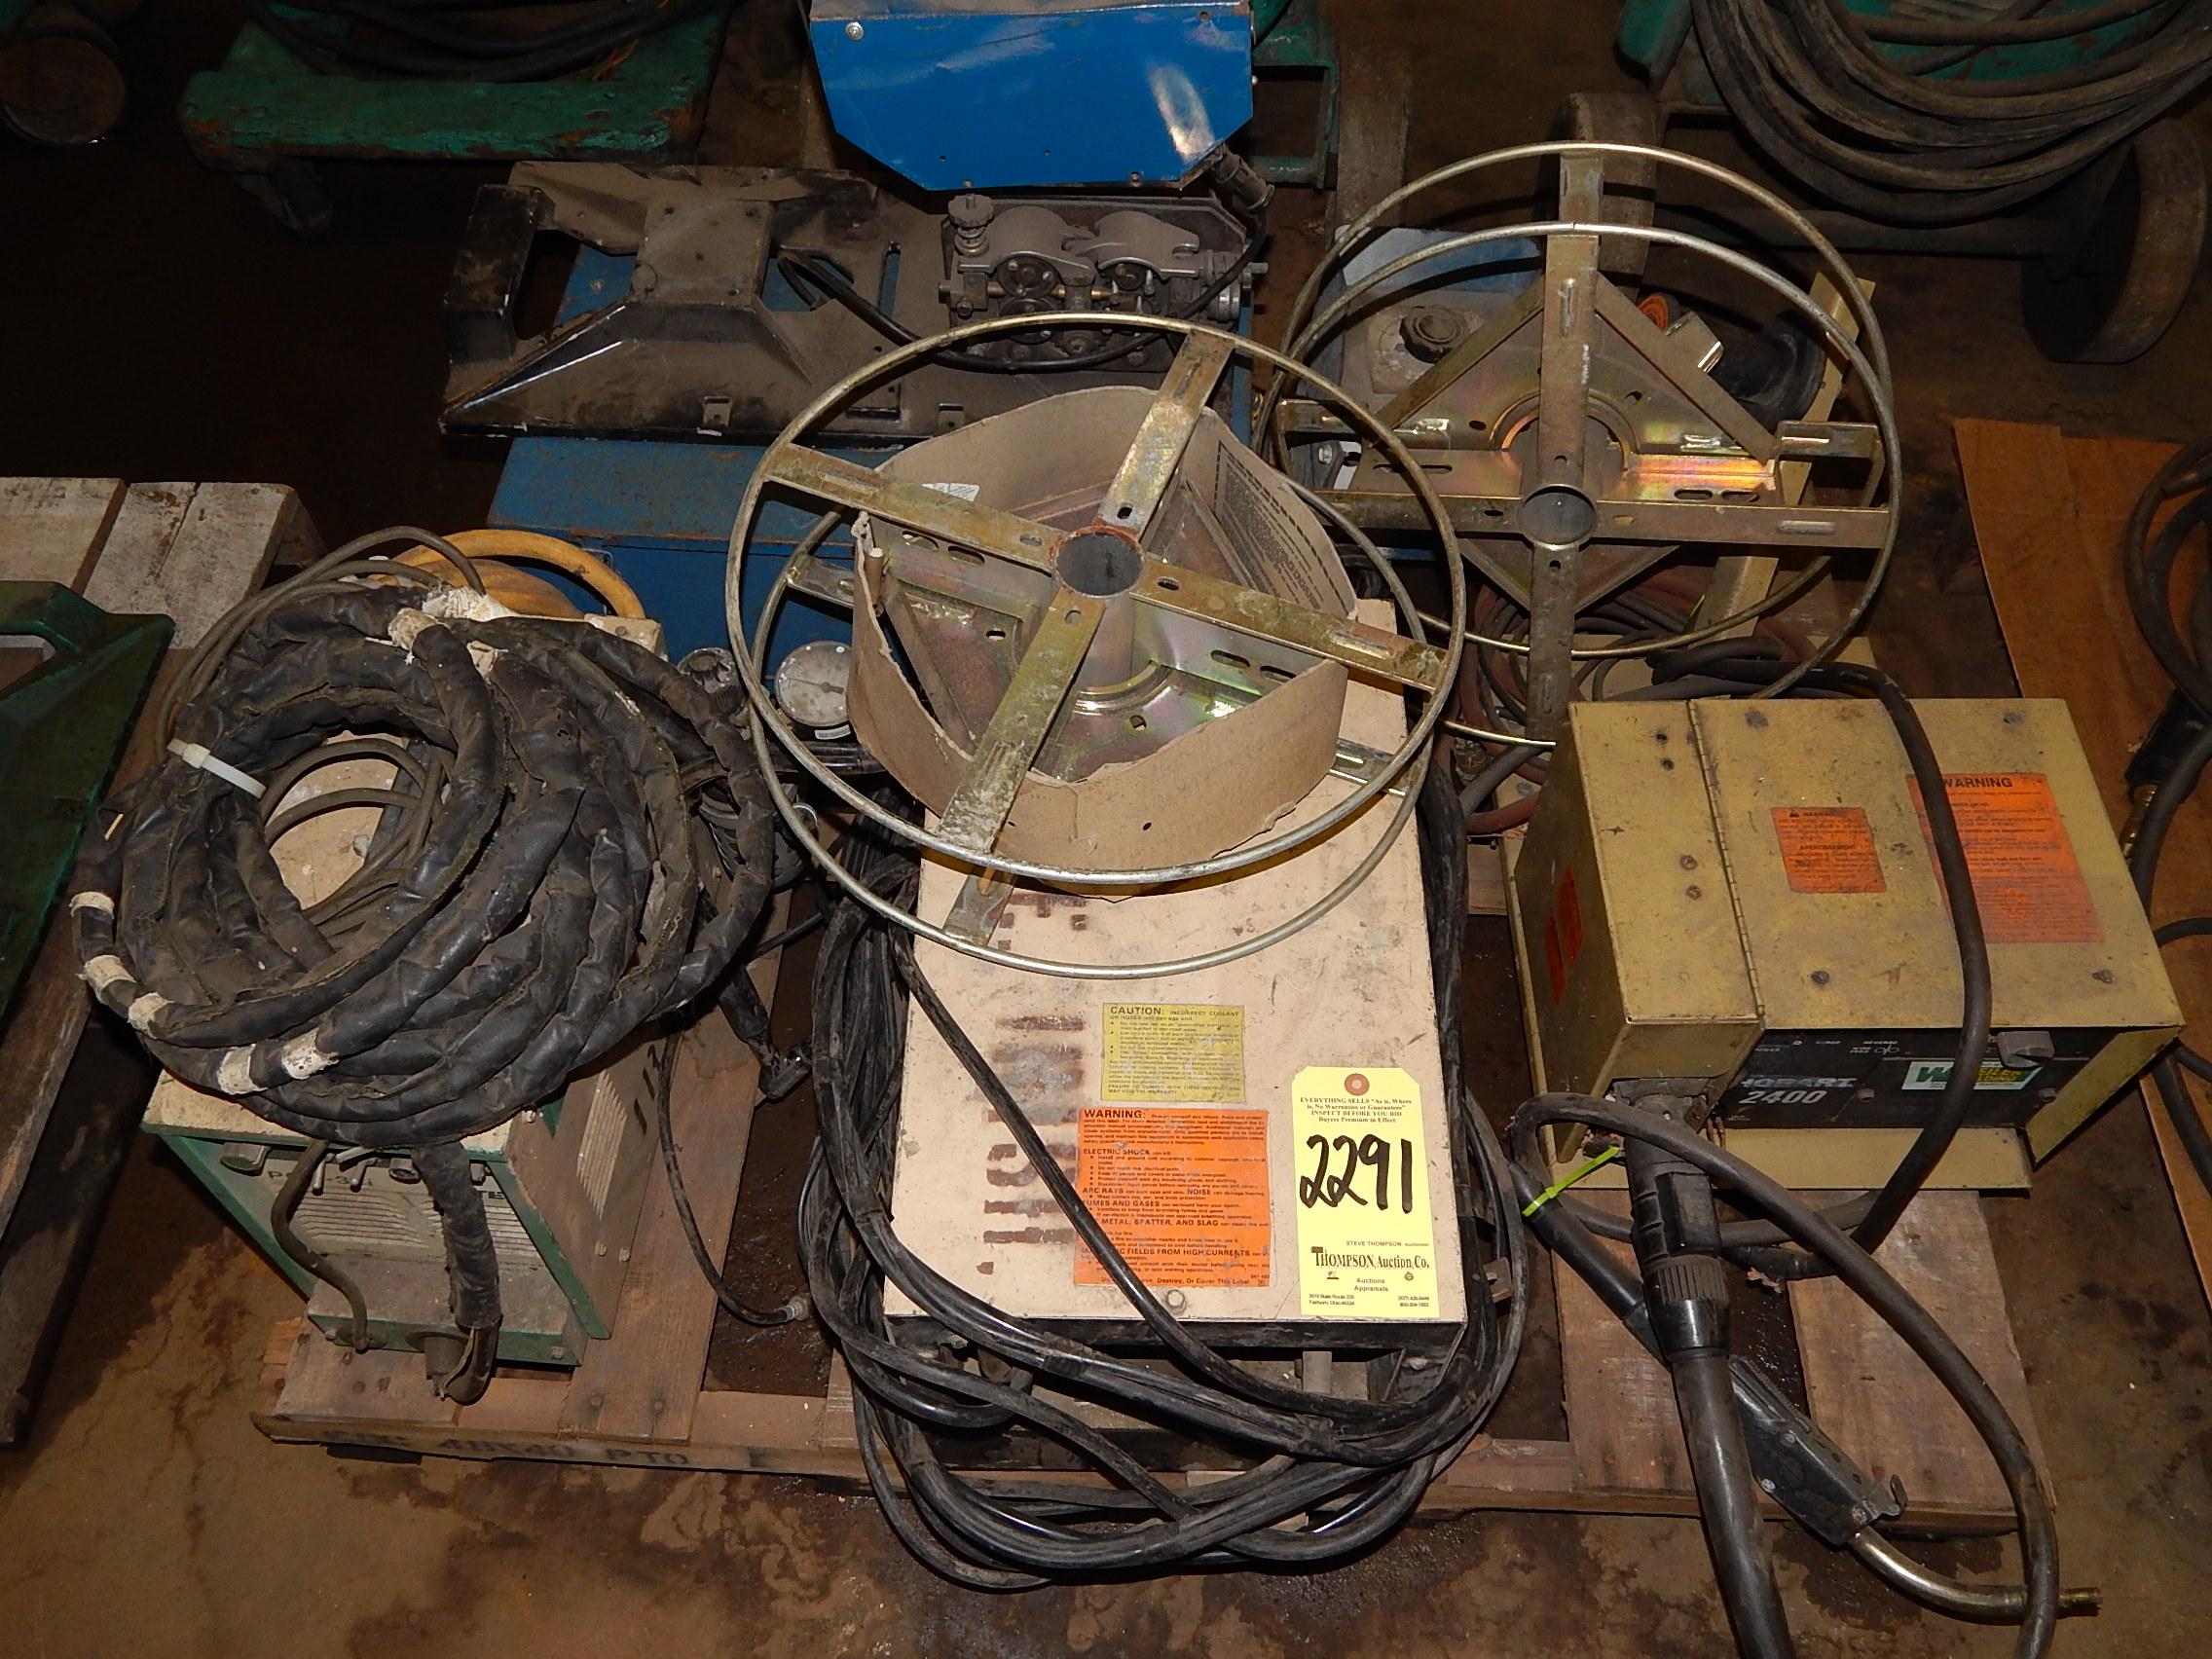 Lot 2291 - L-Tec PCM-32i Plasma Cutter, Miller Radiator I Chiller